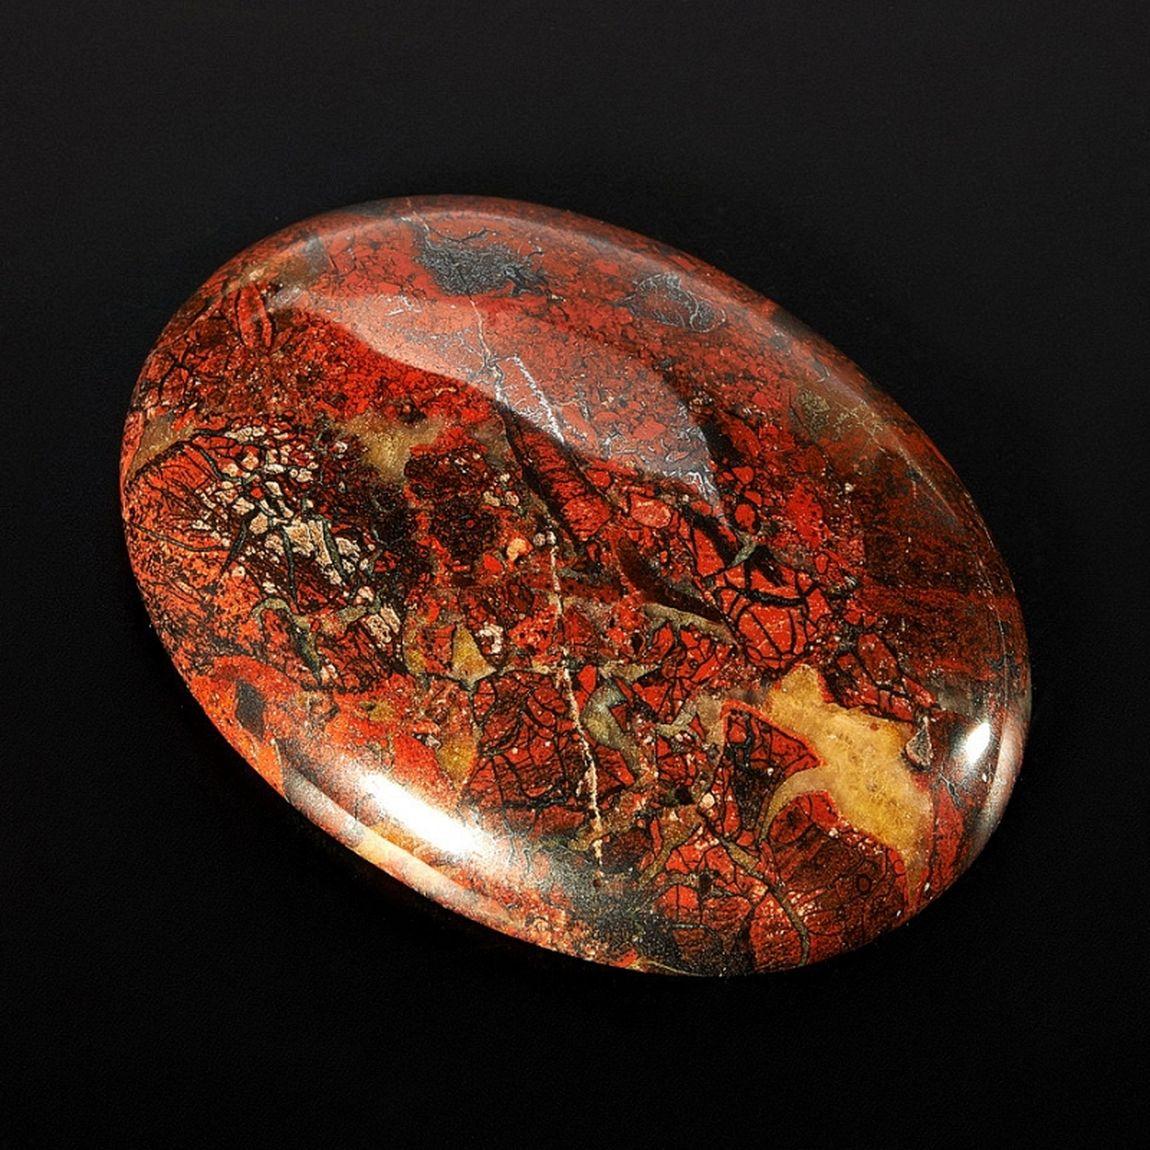 пейзажная яшма картинки камень также могут напоминать